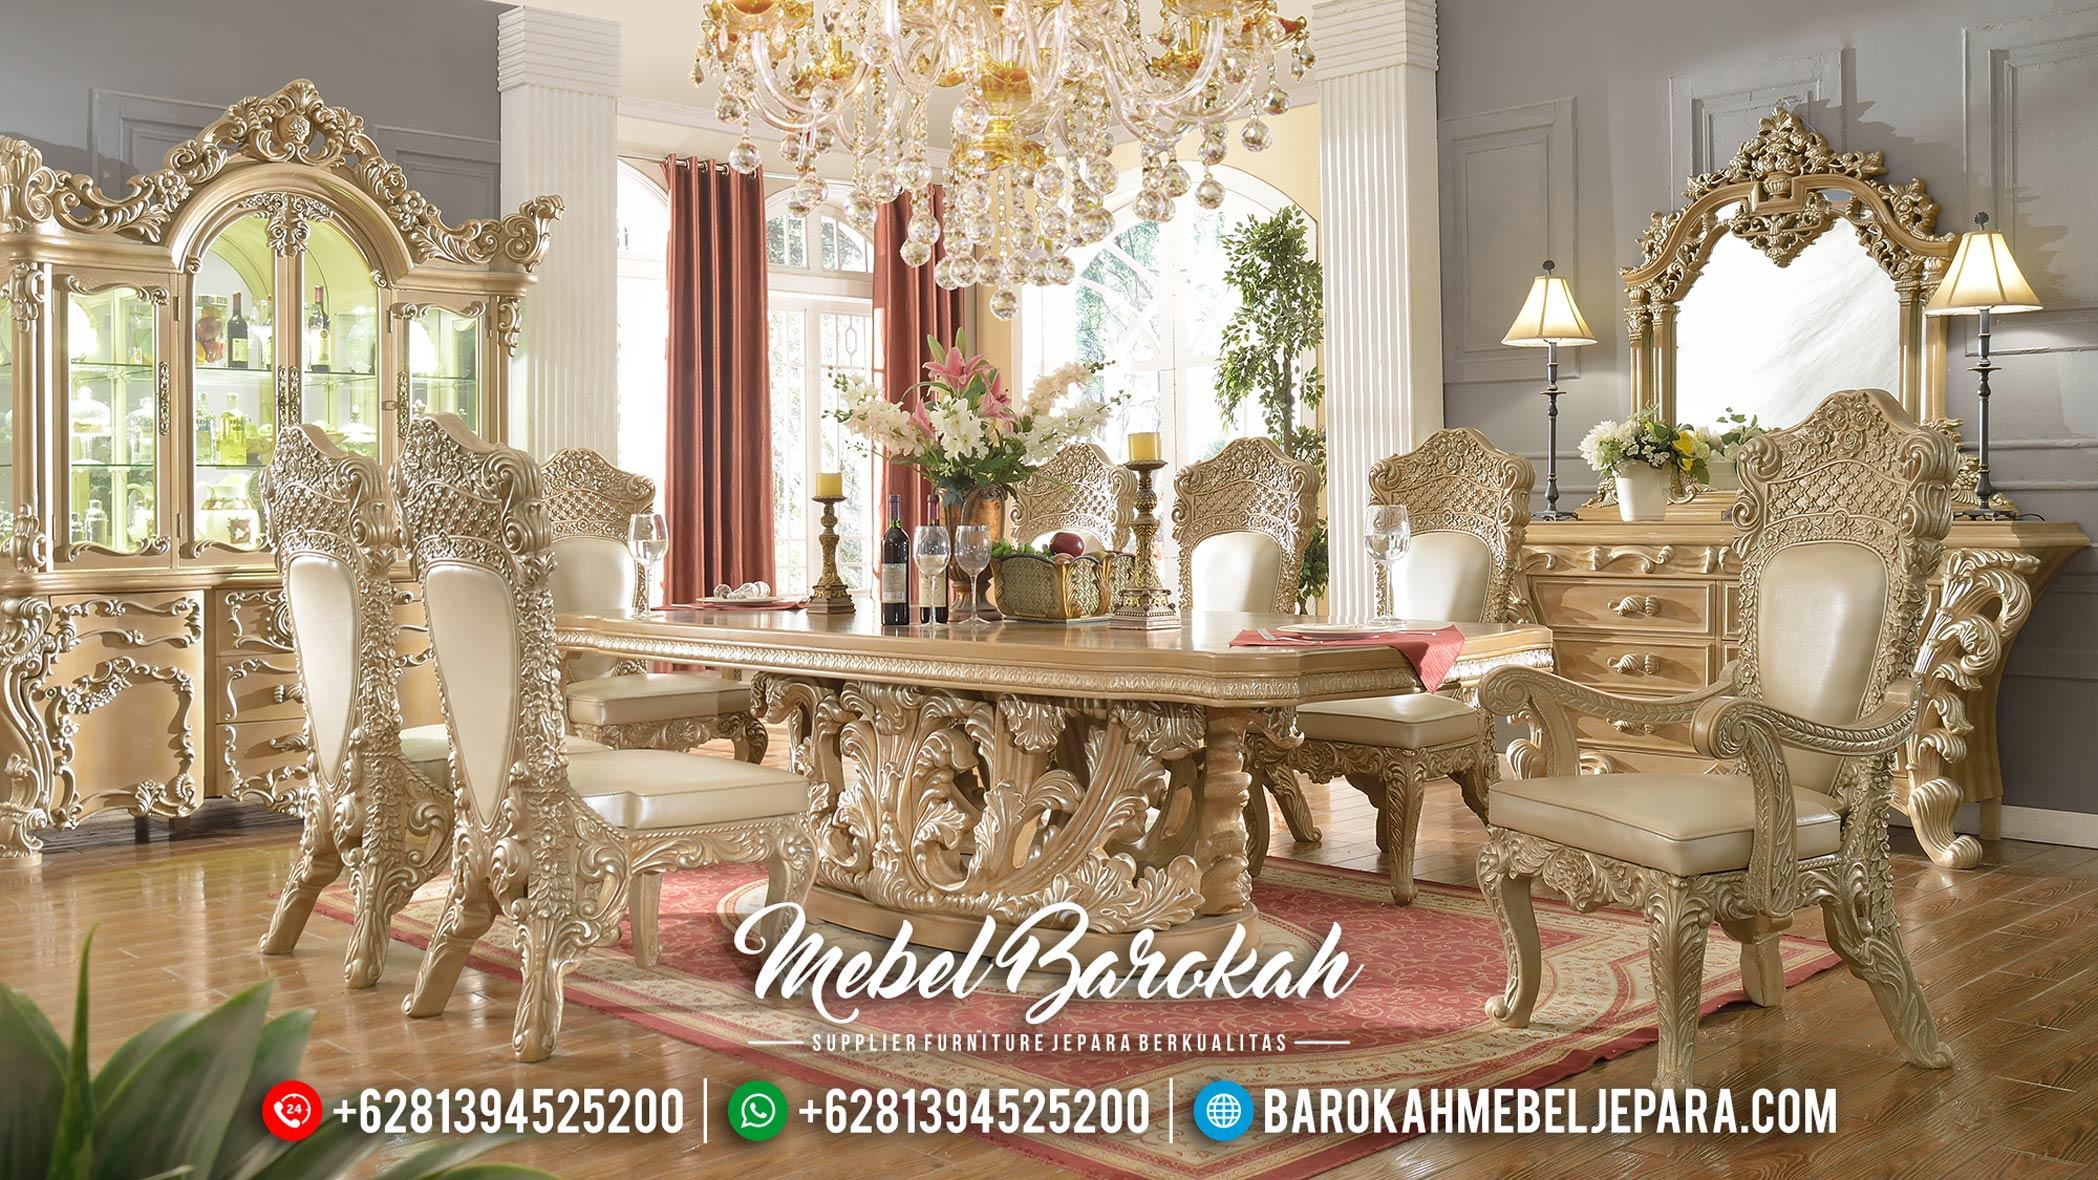 New Desain Meja Makan Mewah Ukiran Jepara Luxury Classic Unique Style MB-0534